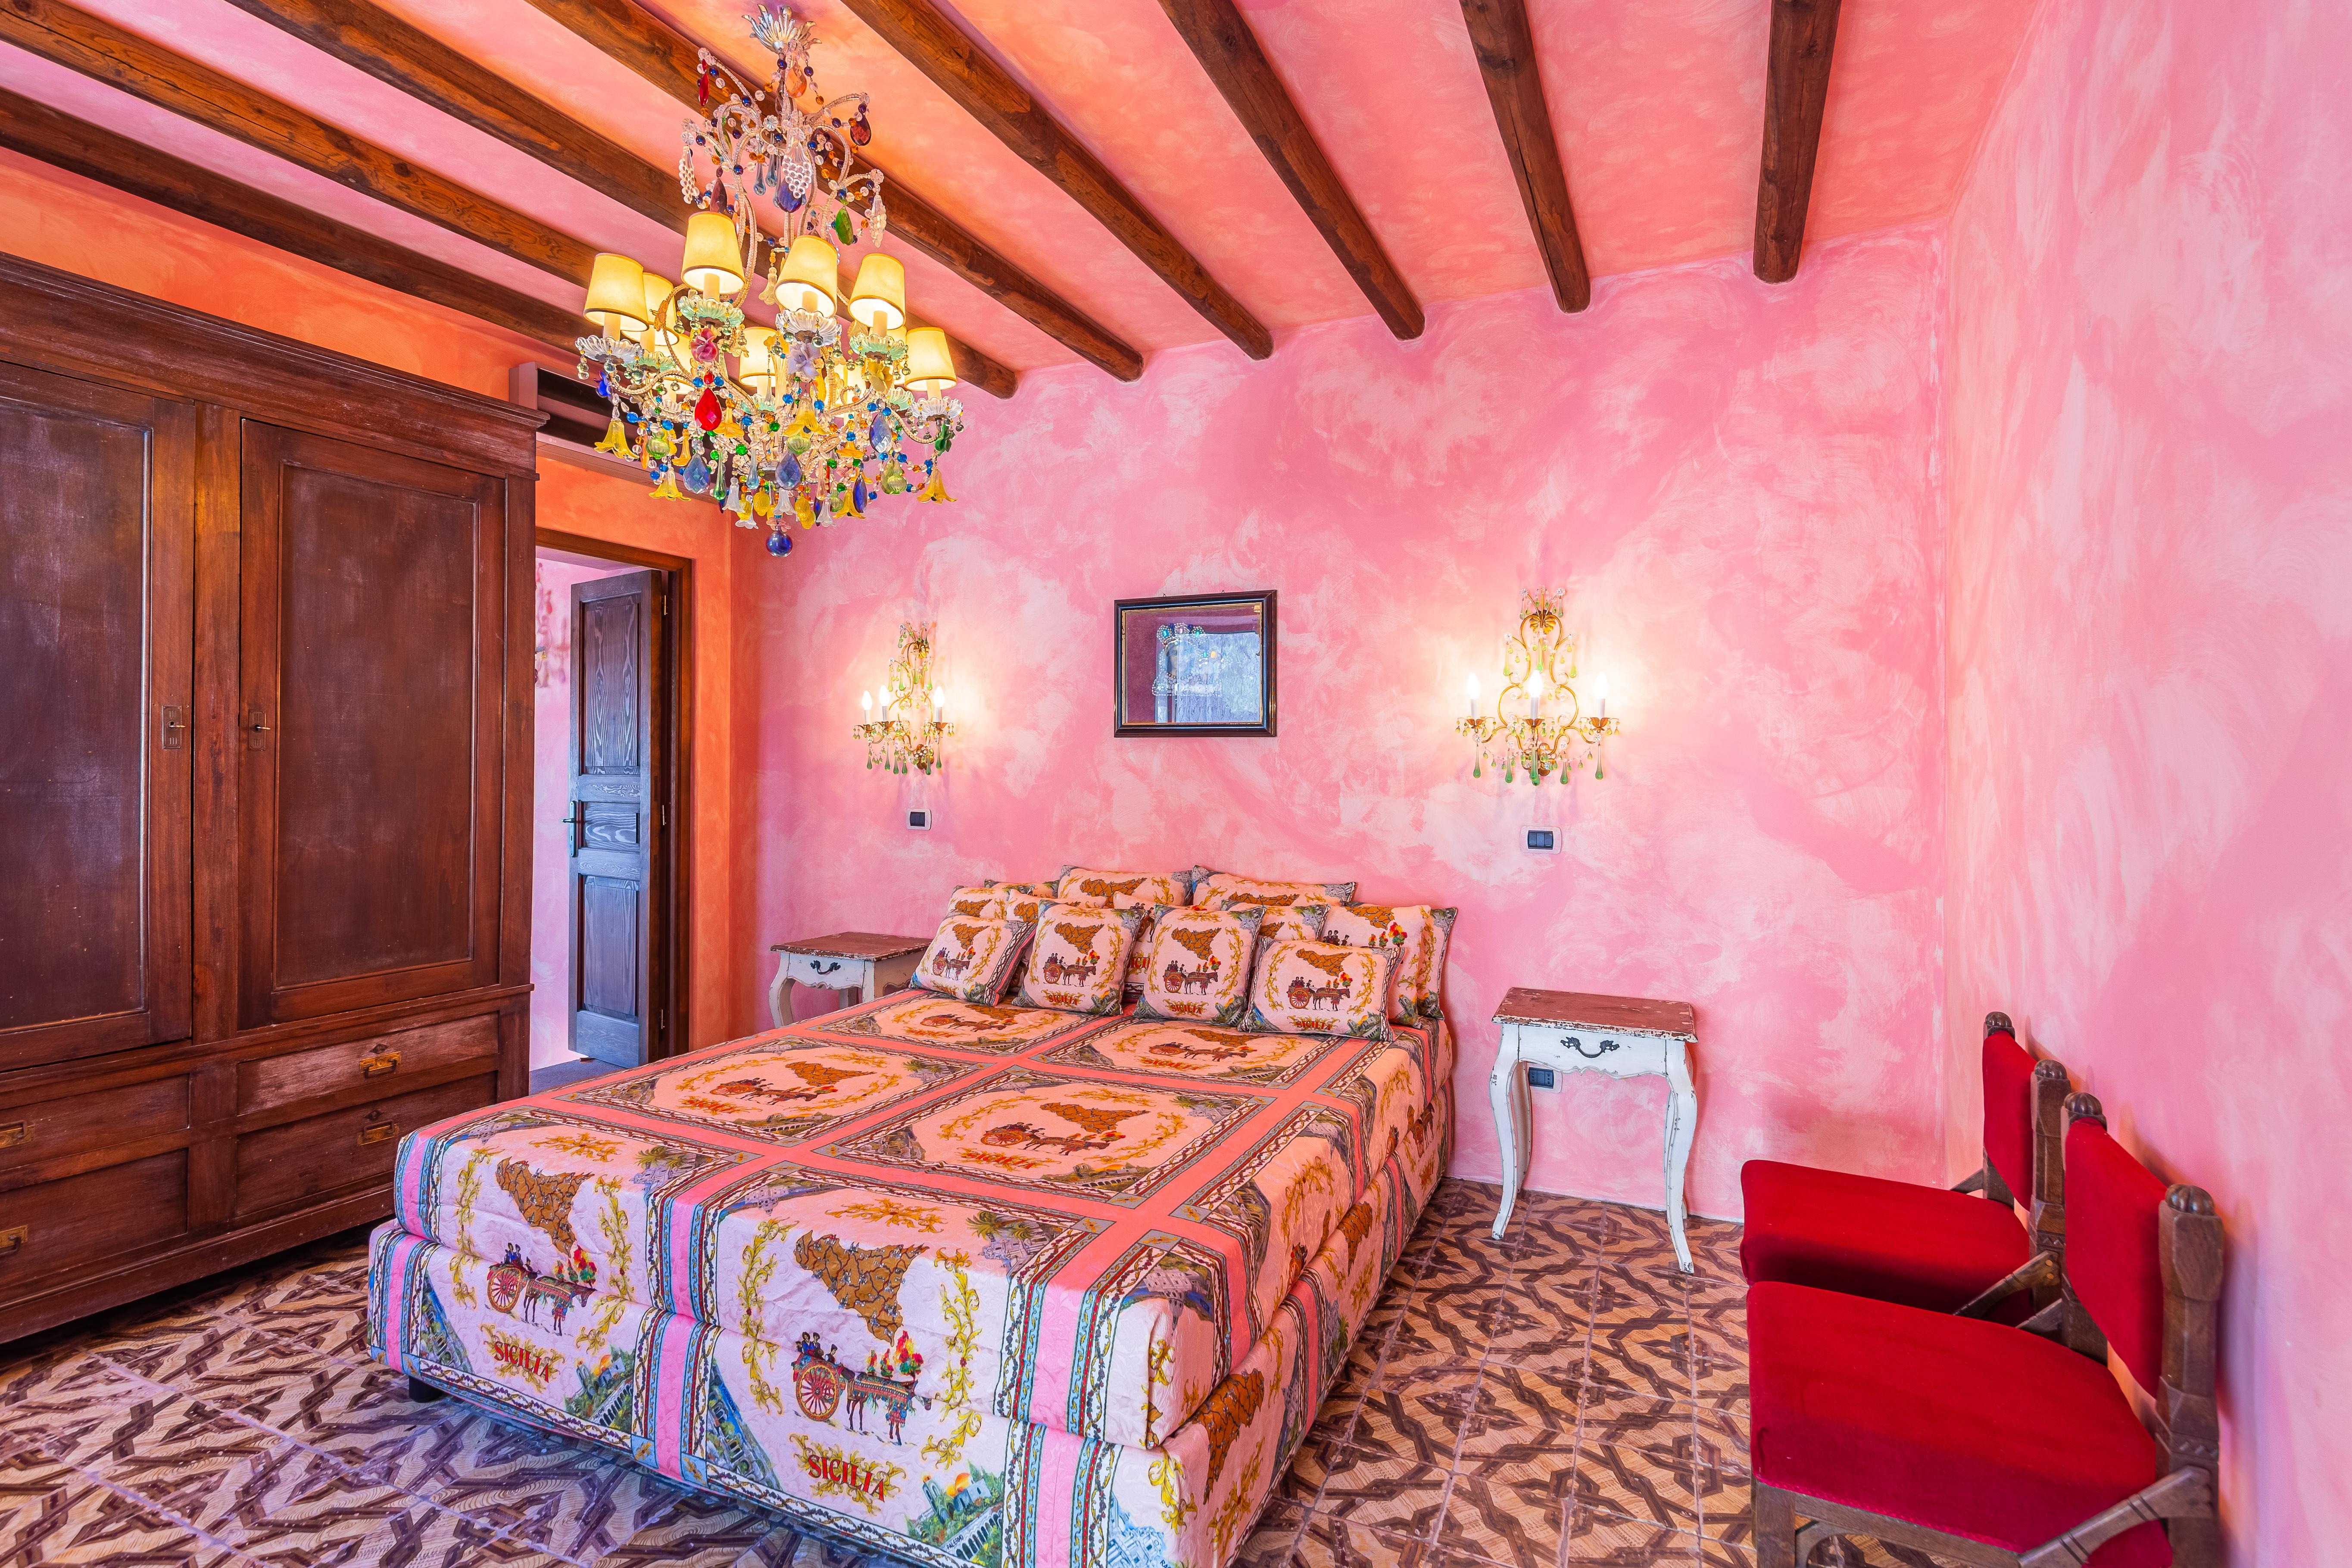 La stanza rosa